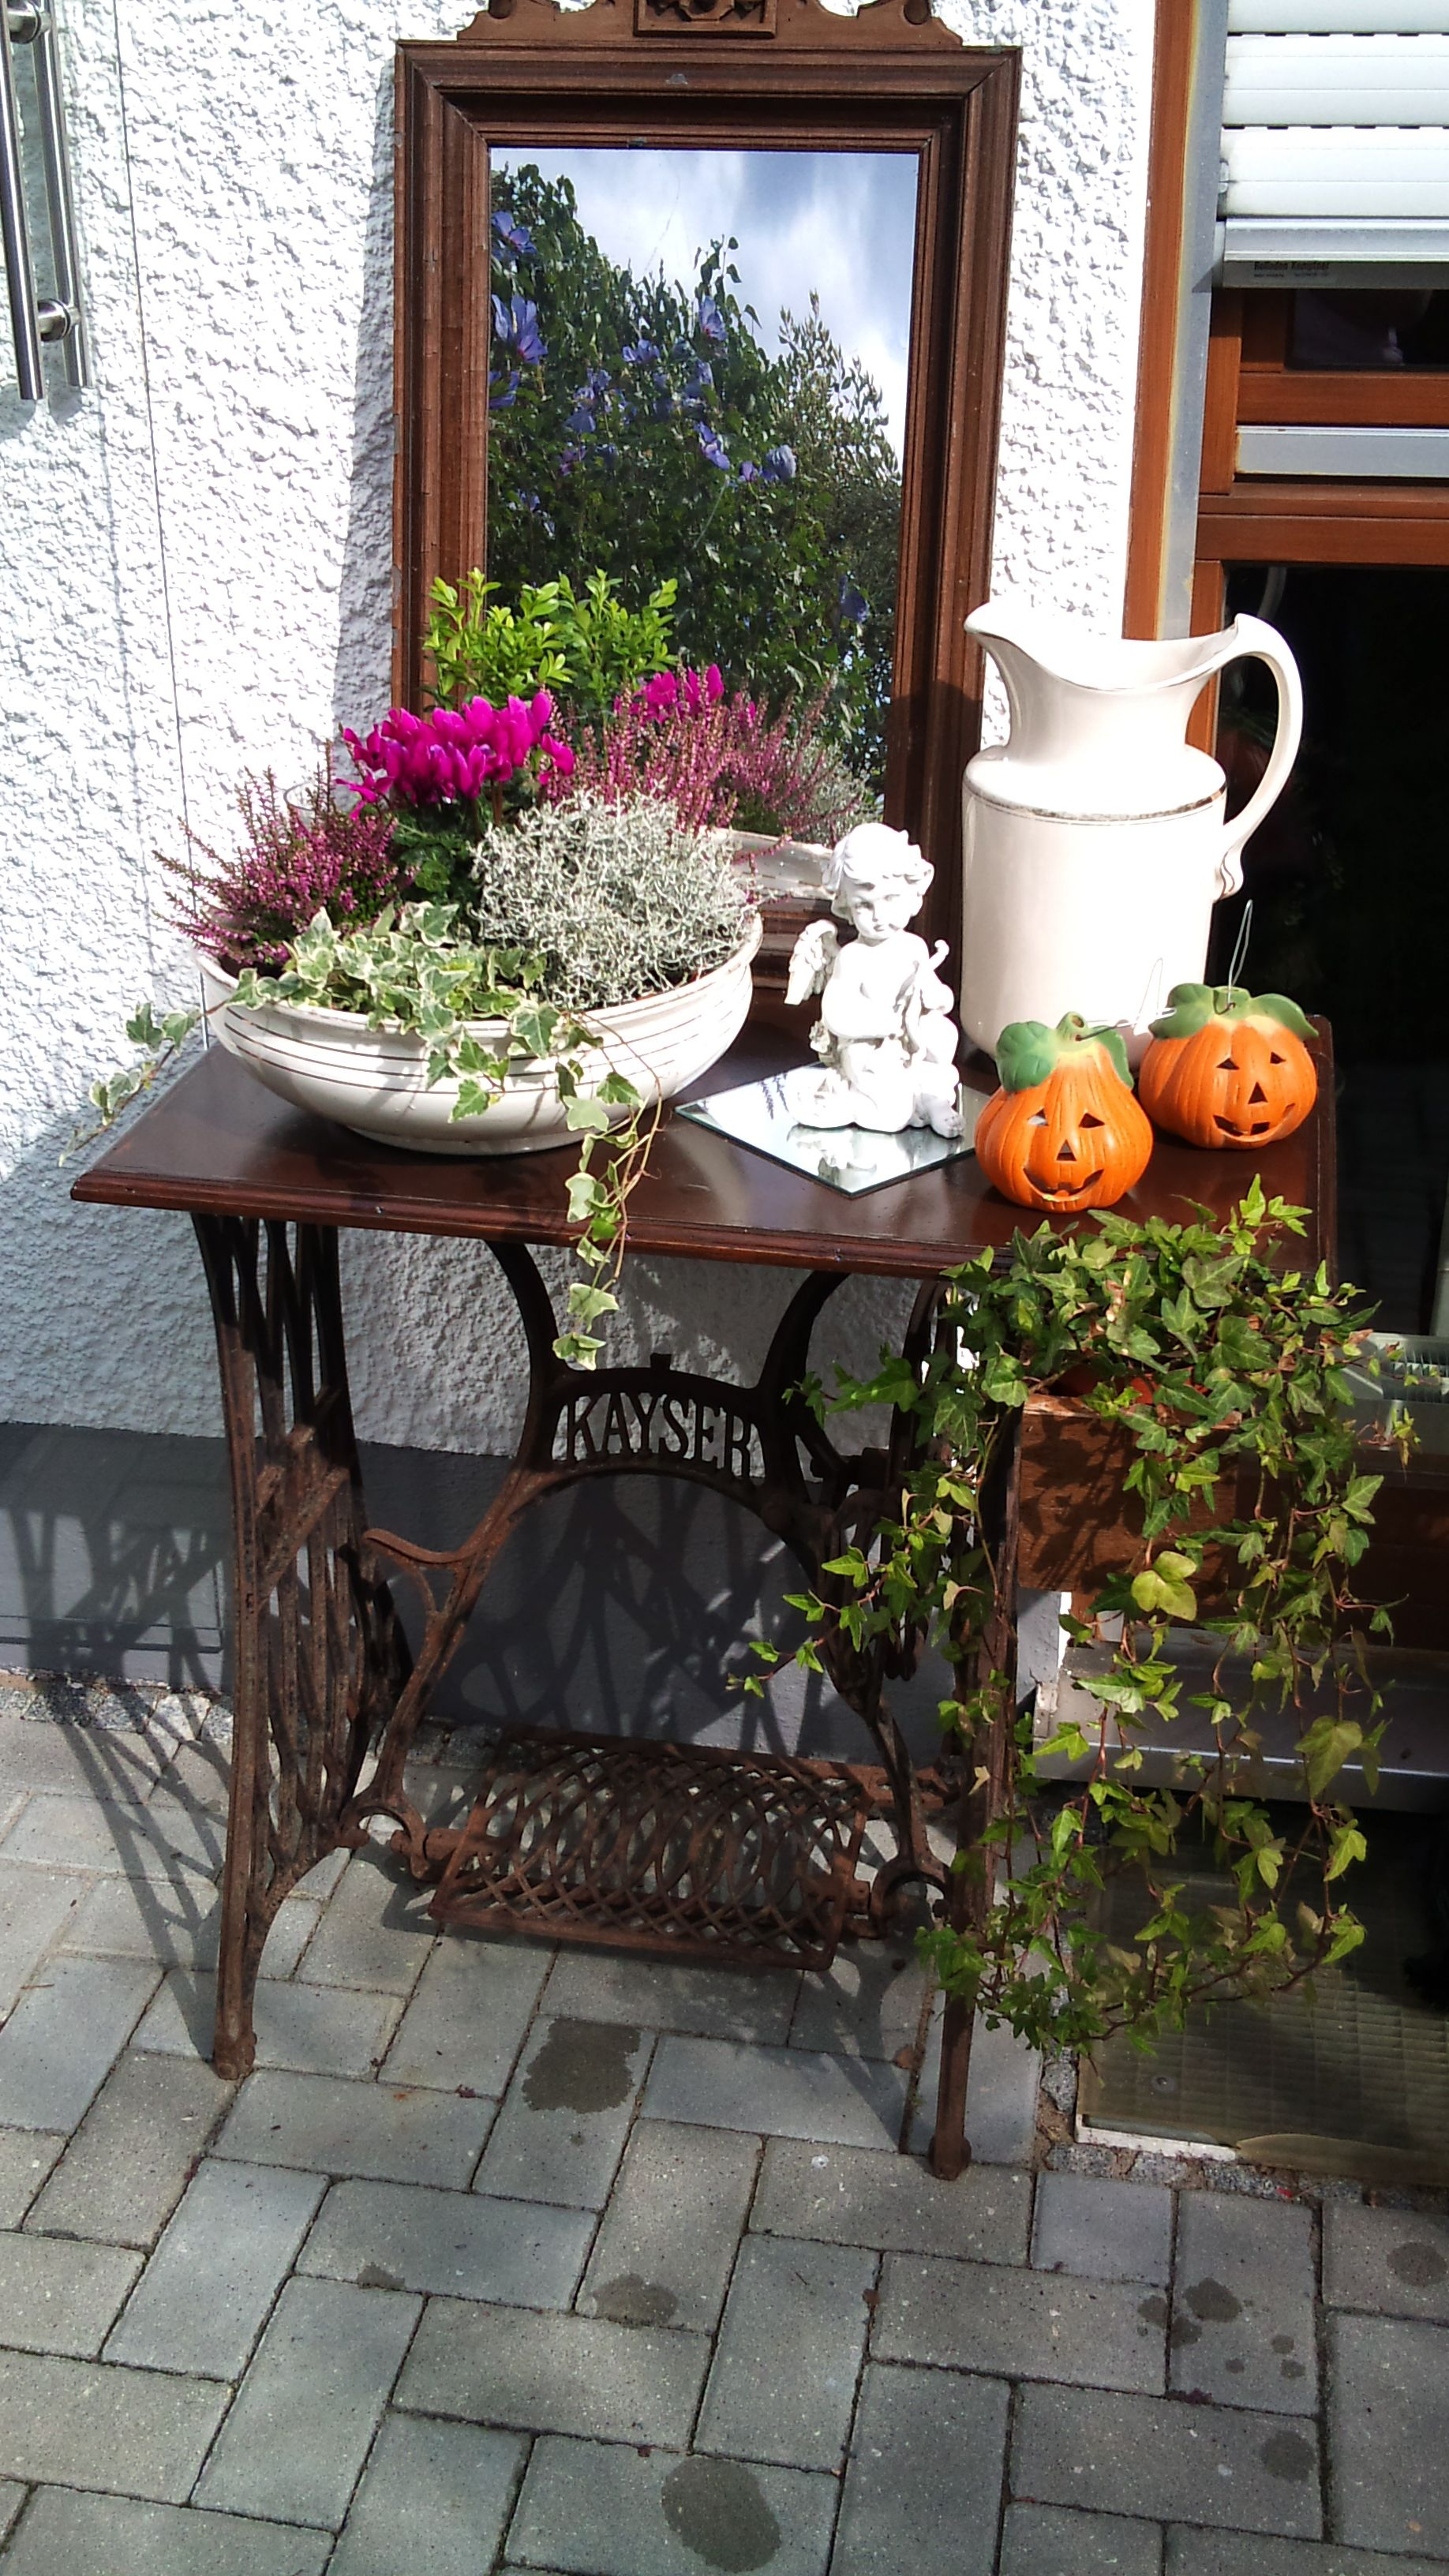 Pin van siv romanov op flowers pinterest tuin veranda en decoratie - Entree corridor decoratie ...